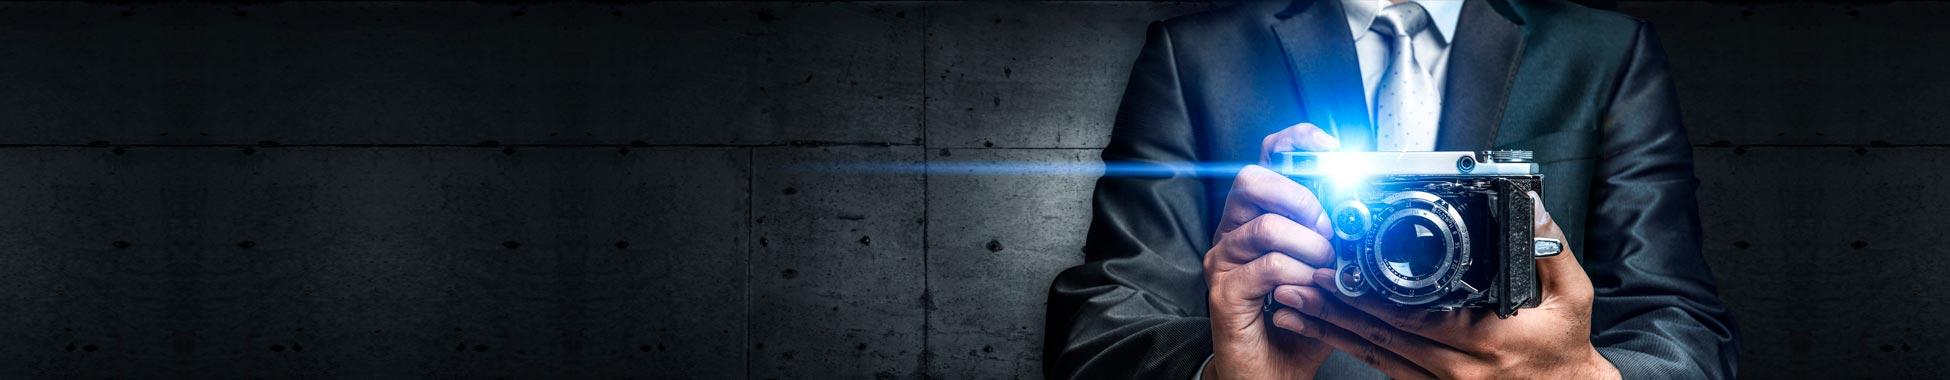 Elche Detectives & Asociados. Agencia de Detectives e Investigación Privada